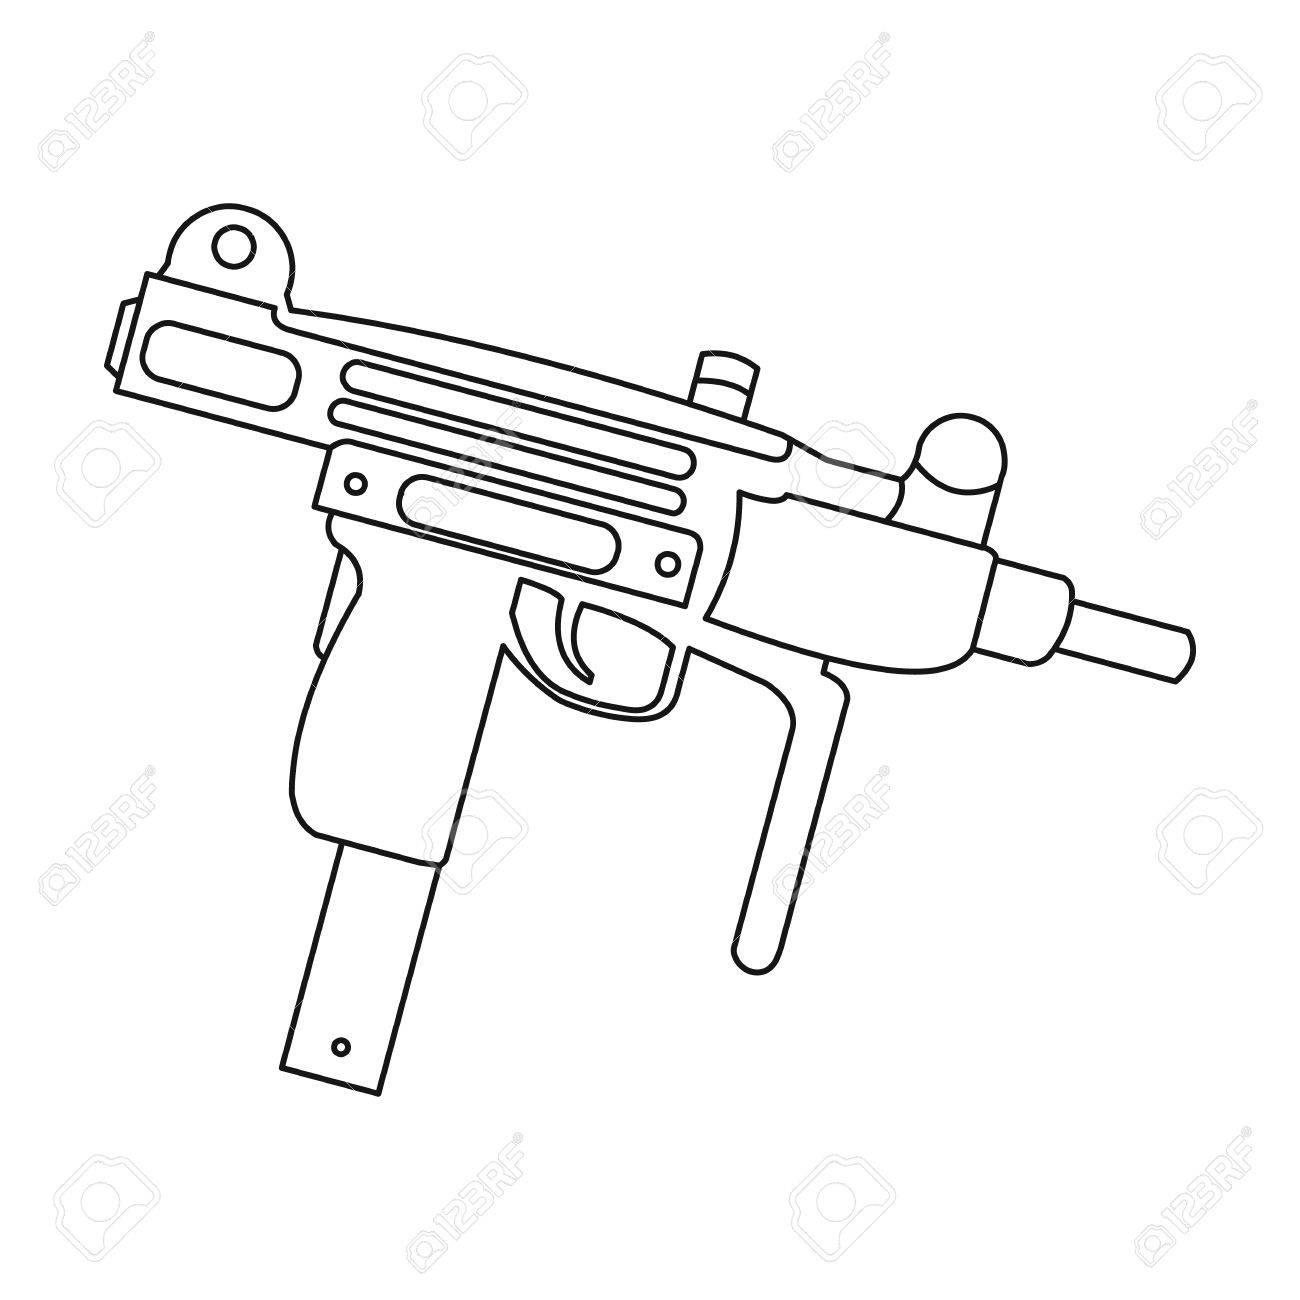 shotgun line drawing at getdrawings com